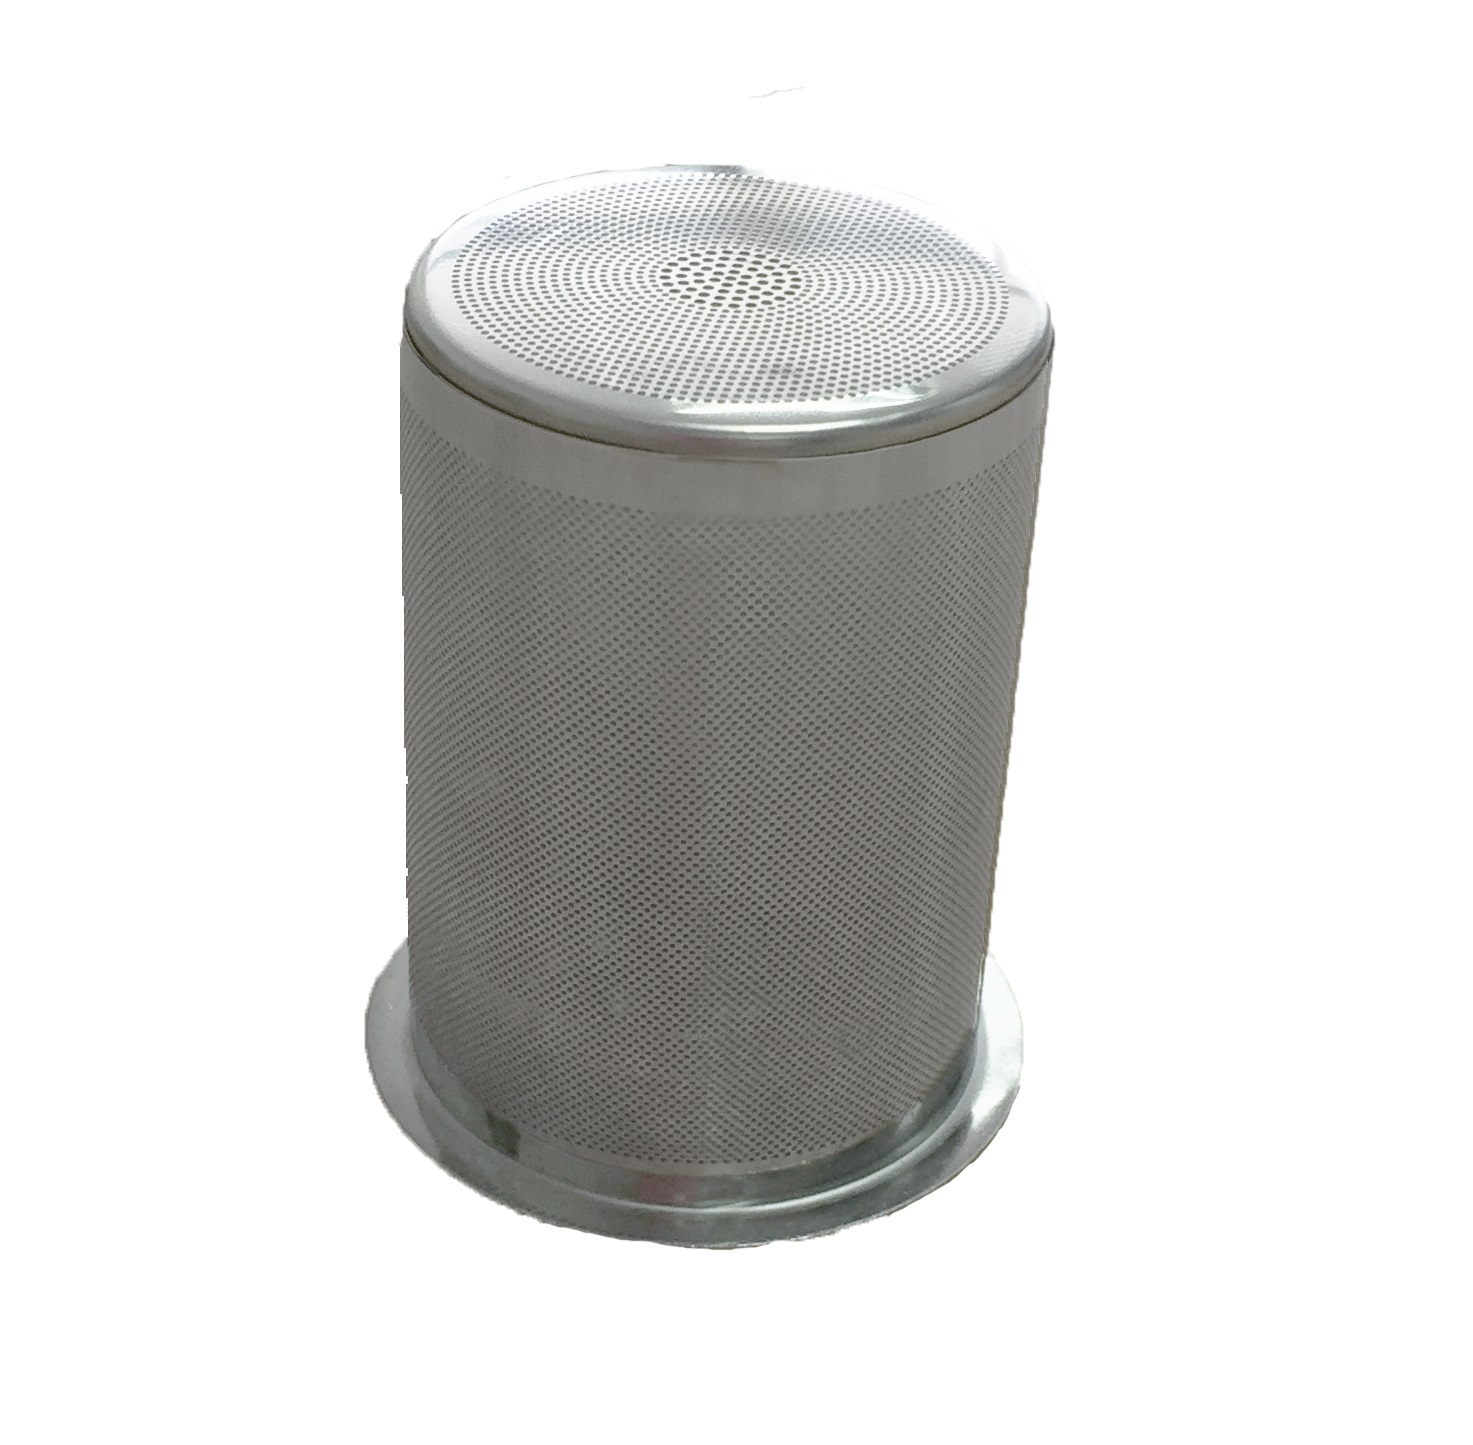 Средство для смягчения воды Dr.Alkastone Сменный фильтр для Аква обогатителя 450 мл, серебристый, 50